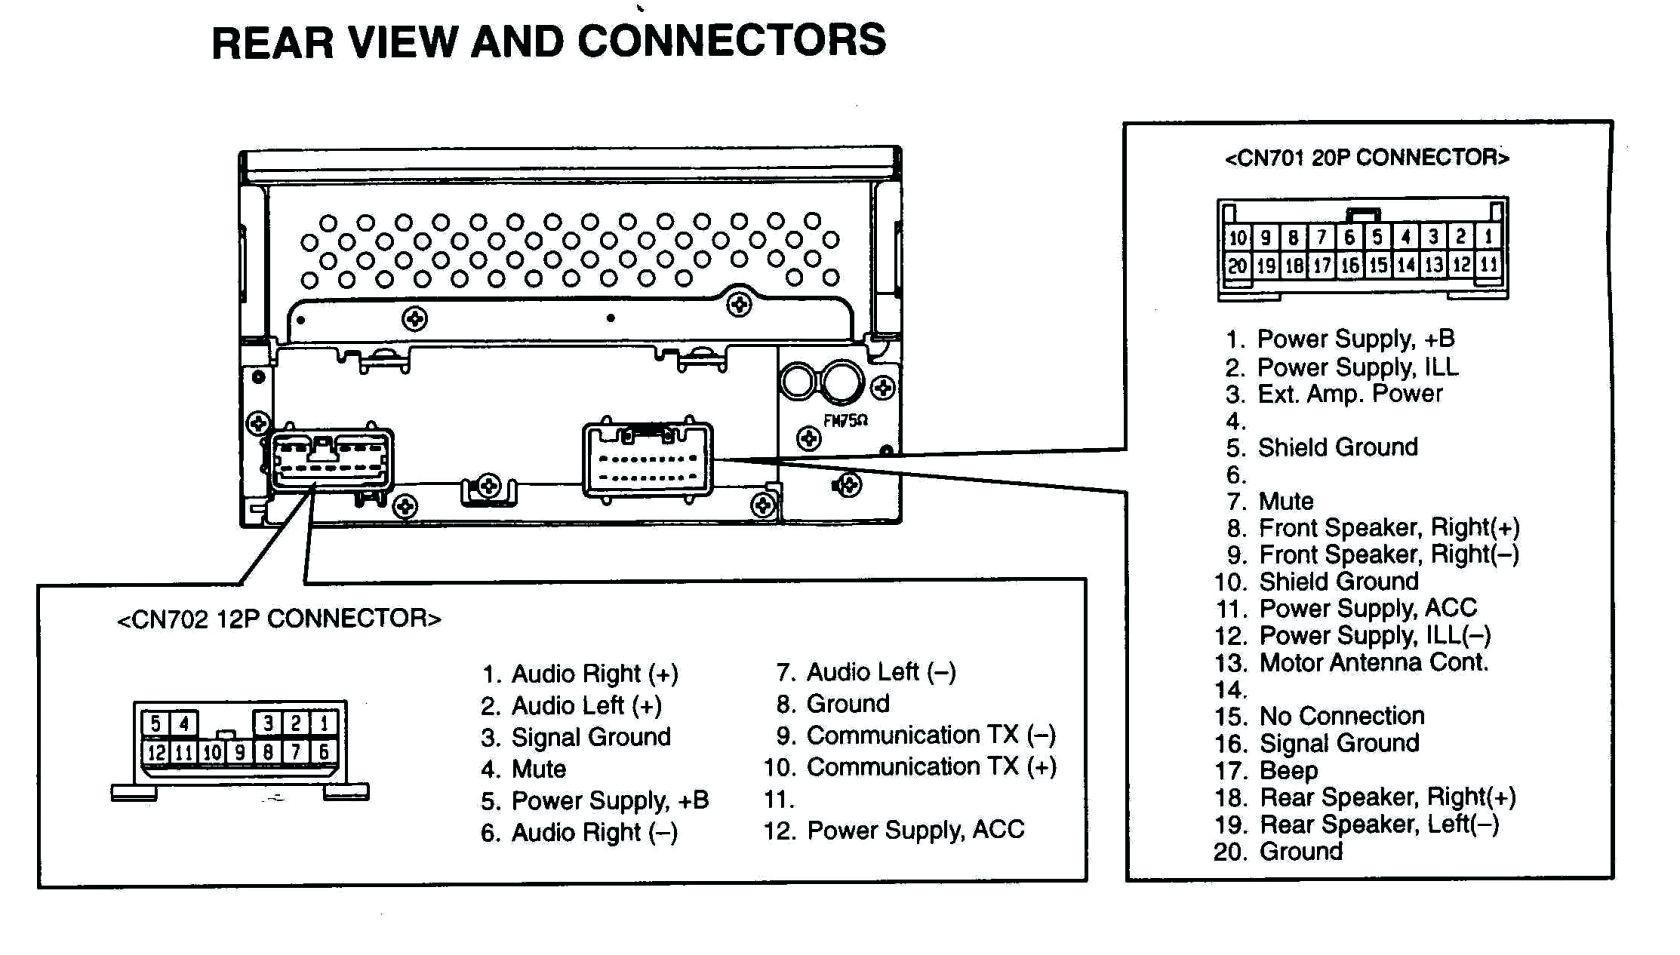 Caterpillar Radio Wiring - Today Wiring Diagram - Harley Davidson Radio Wiring Diagram